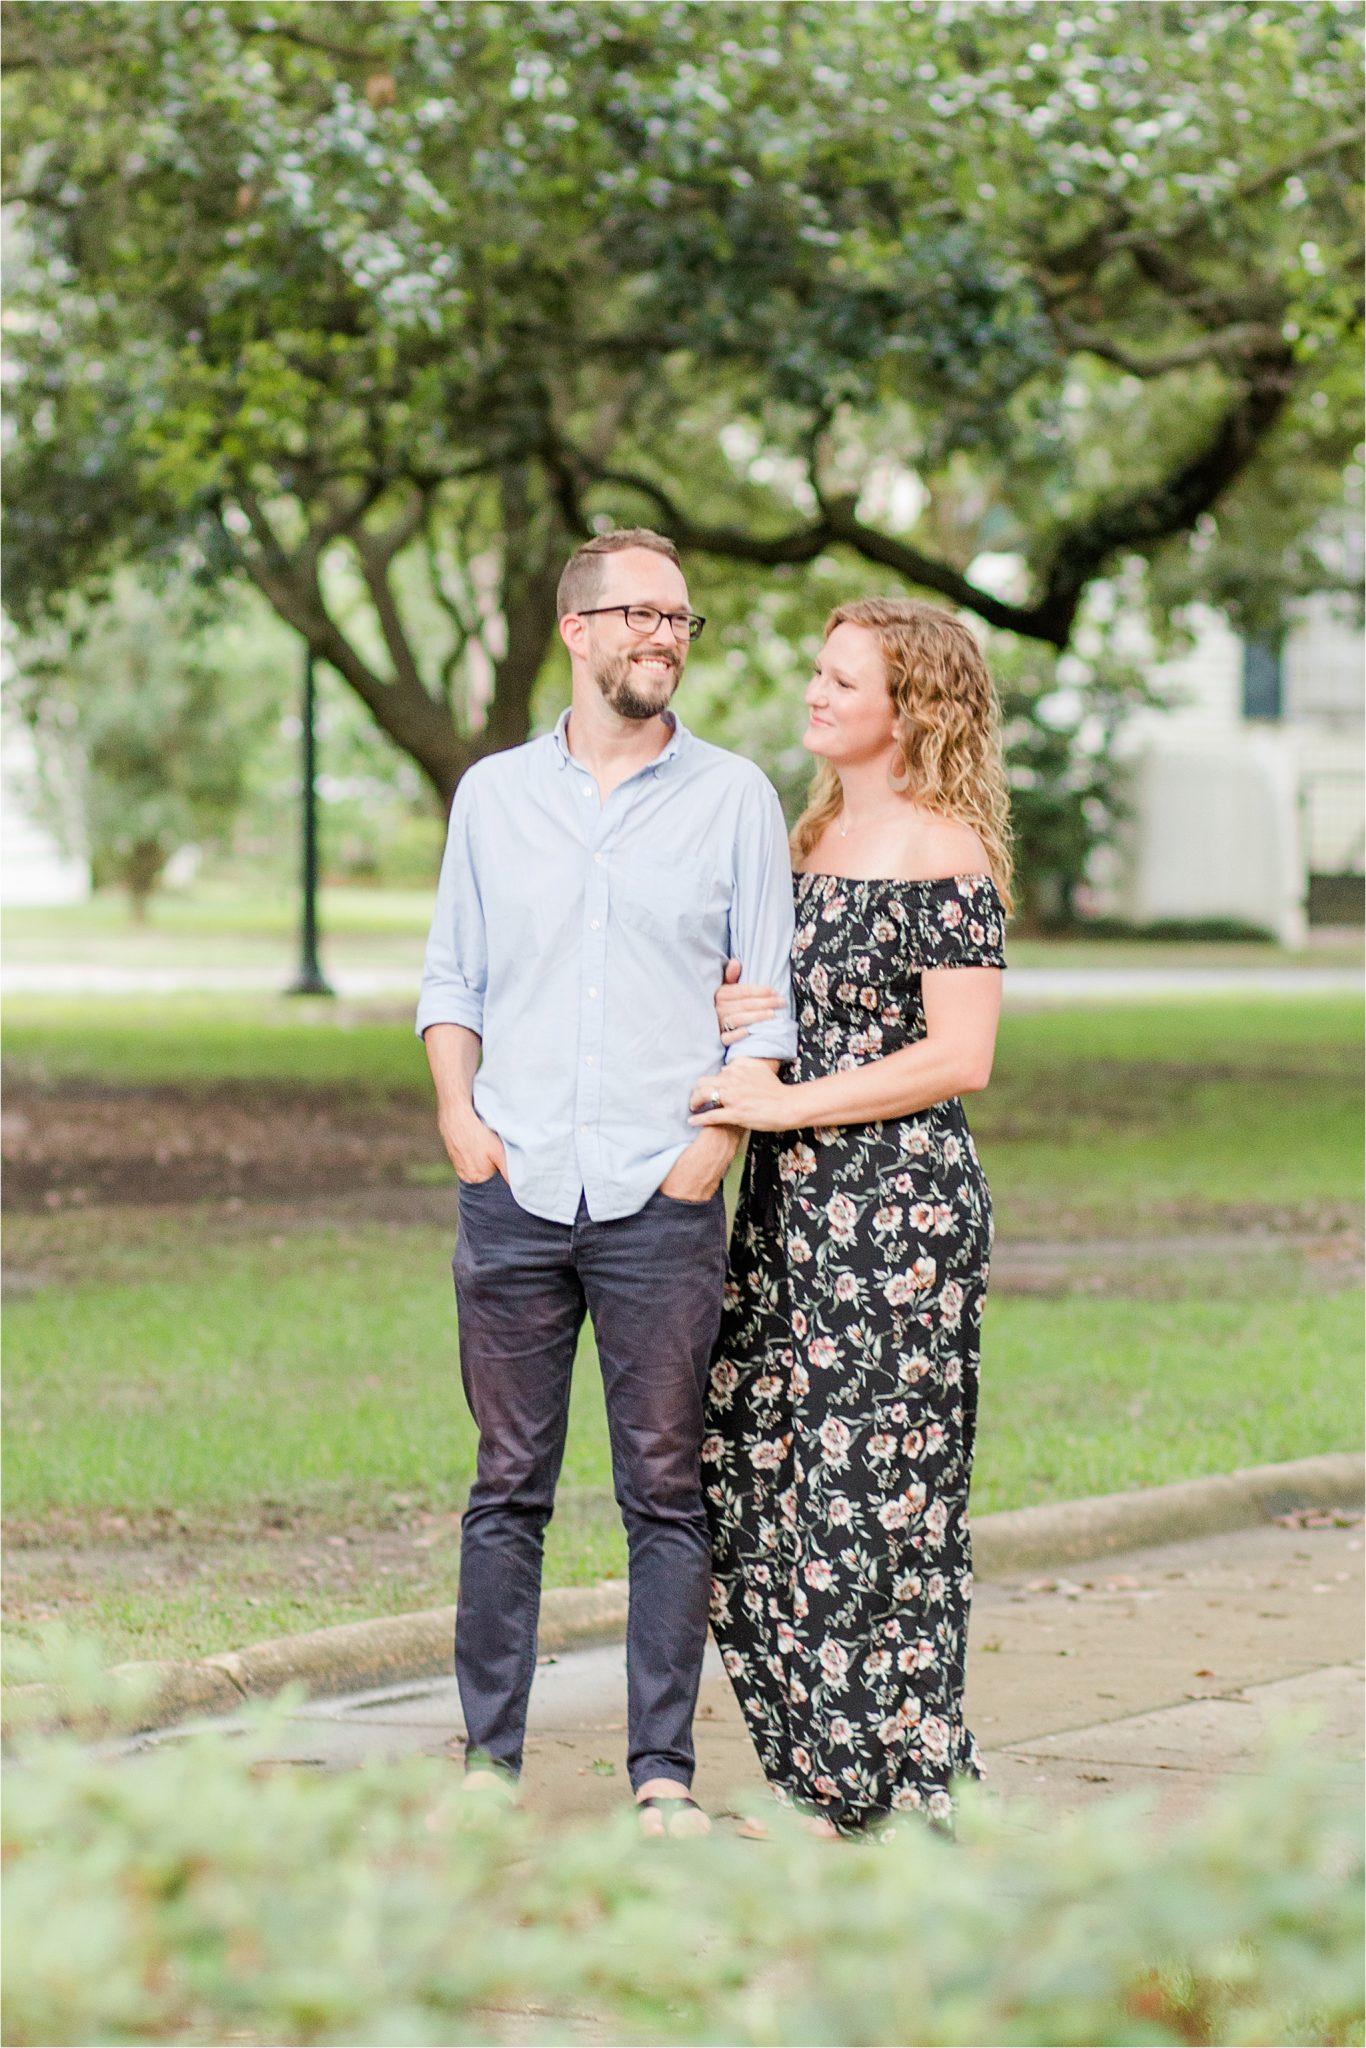 family photos-couple photos-Alabama family photographer-